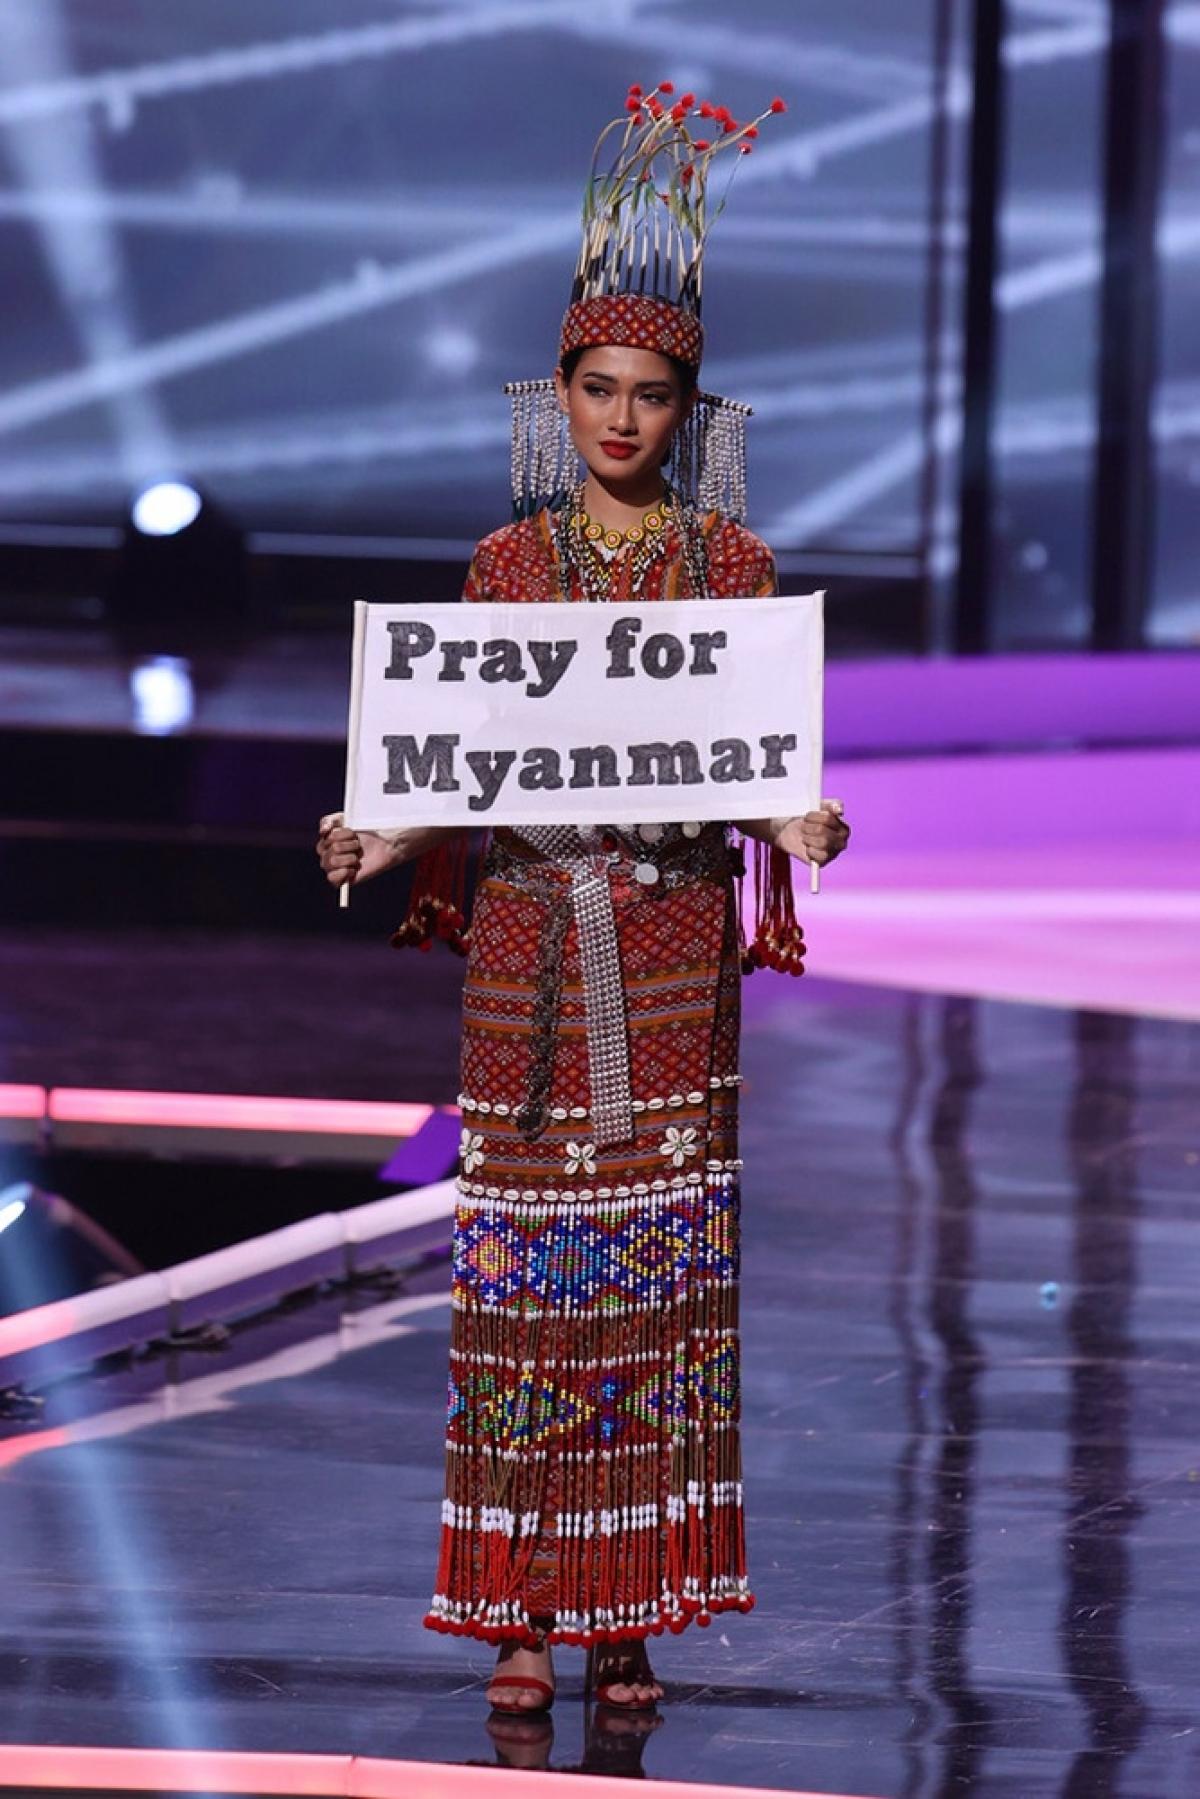 """Thuzar Wint Lwin diện bộ trang phục dân tộc giản dị cùng thông điệp: """"Pray for Myanmar"""". Ảnh BTC"""